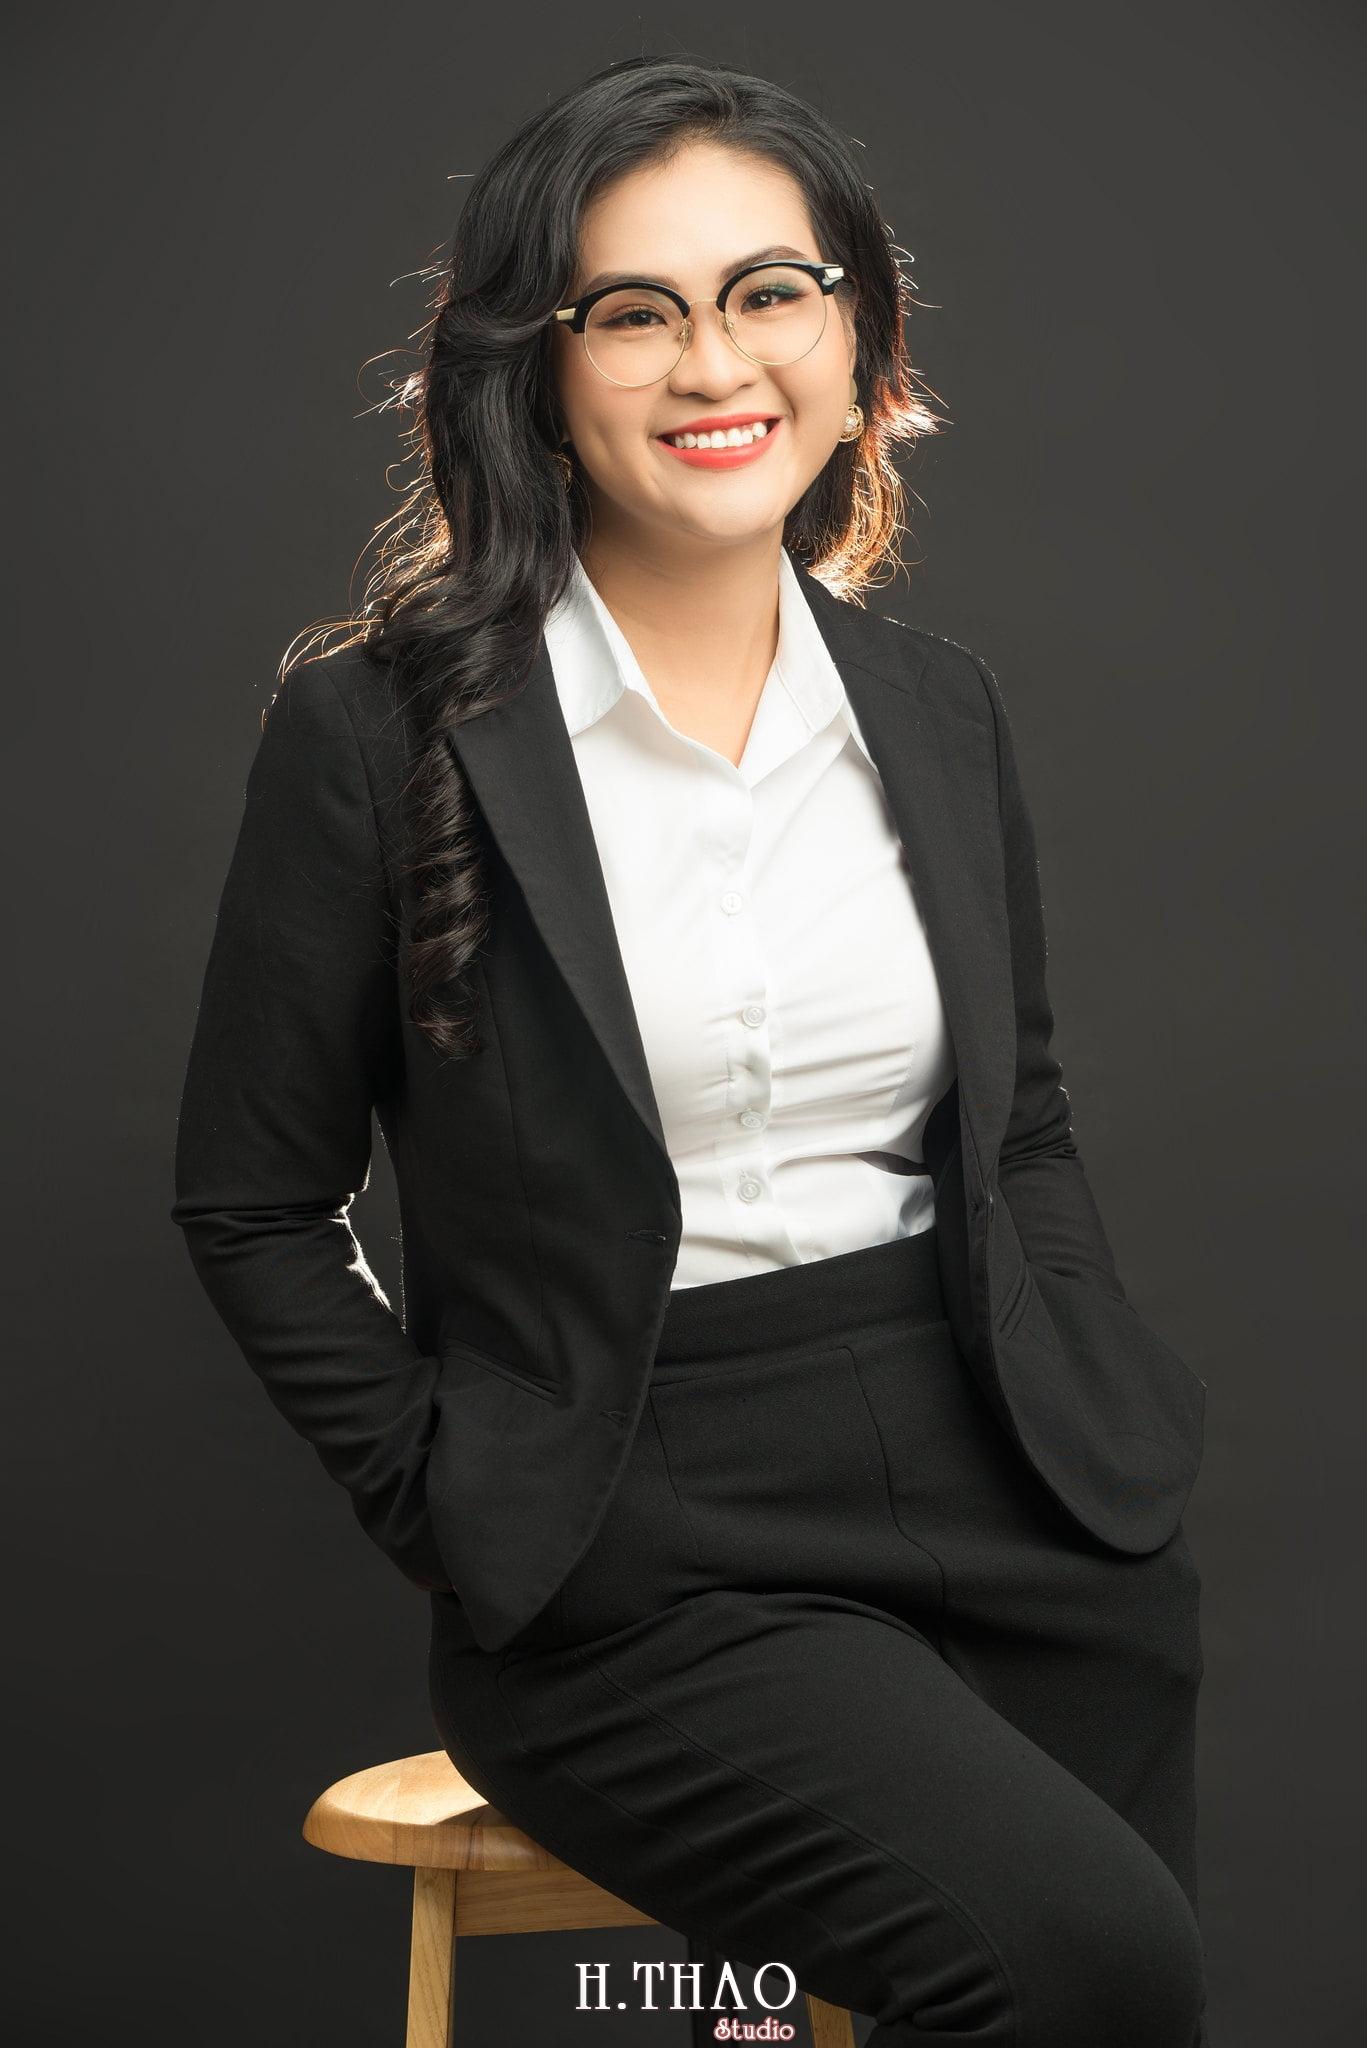 Nam Phuong 5 - Album ảnh Doanh nhân nữ xinh đẹp Nam Phương - HThao Studio